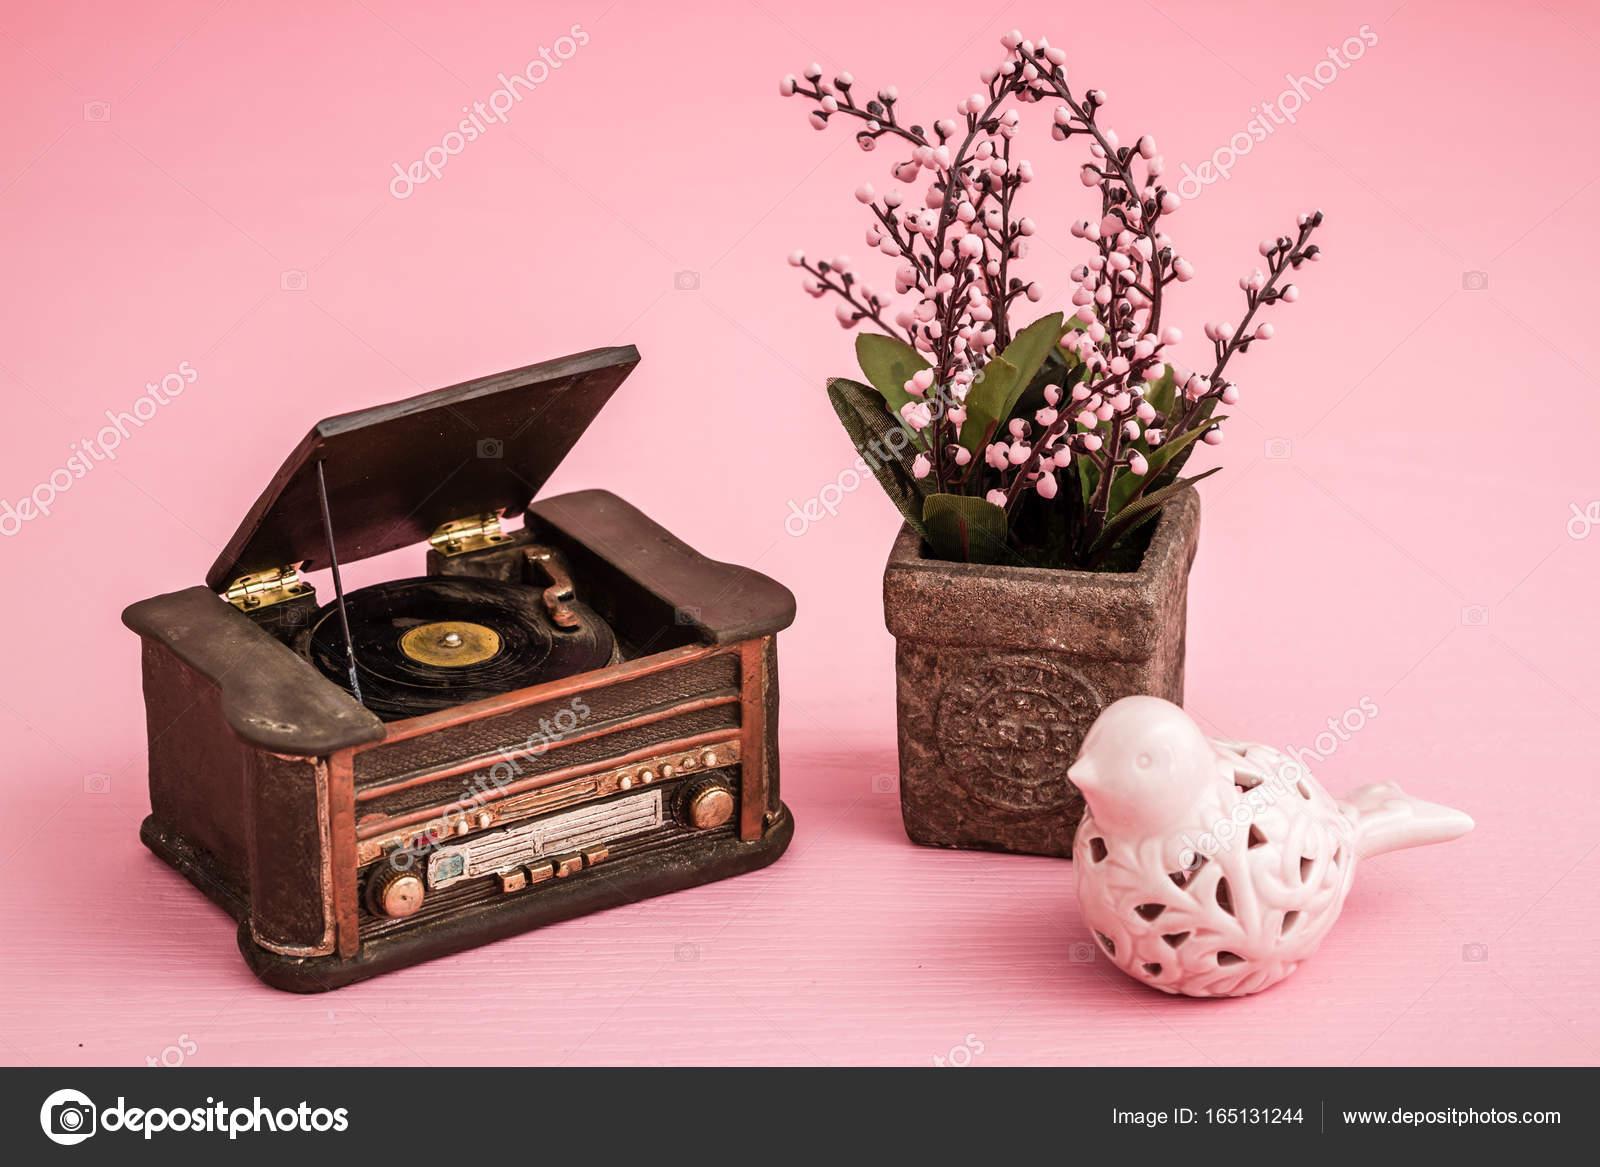 Platenspeler Als Decoratie : Decoratieve retro platenspeler u2014 stockfoto © hskoken #165131244